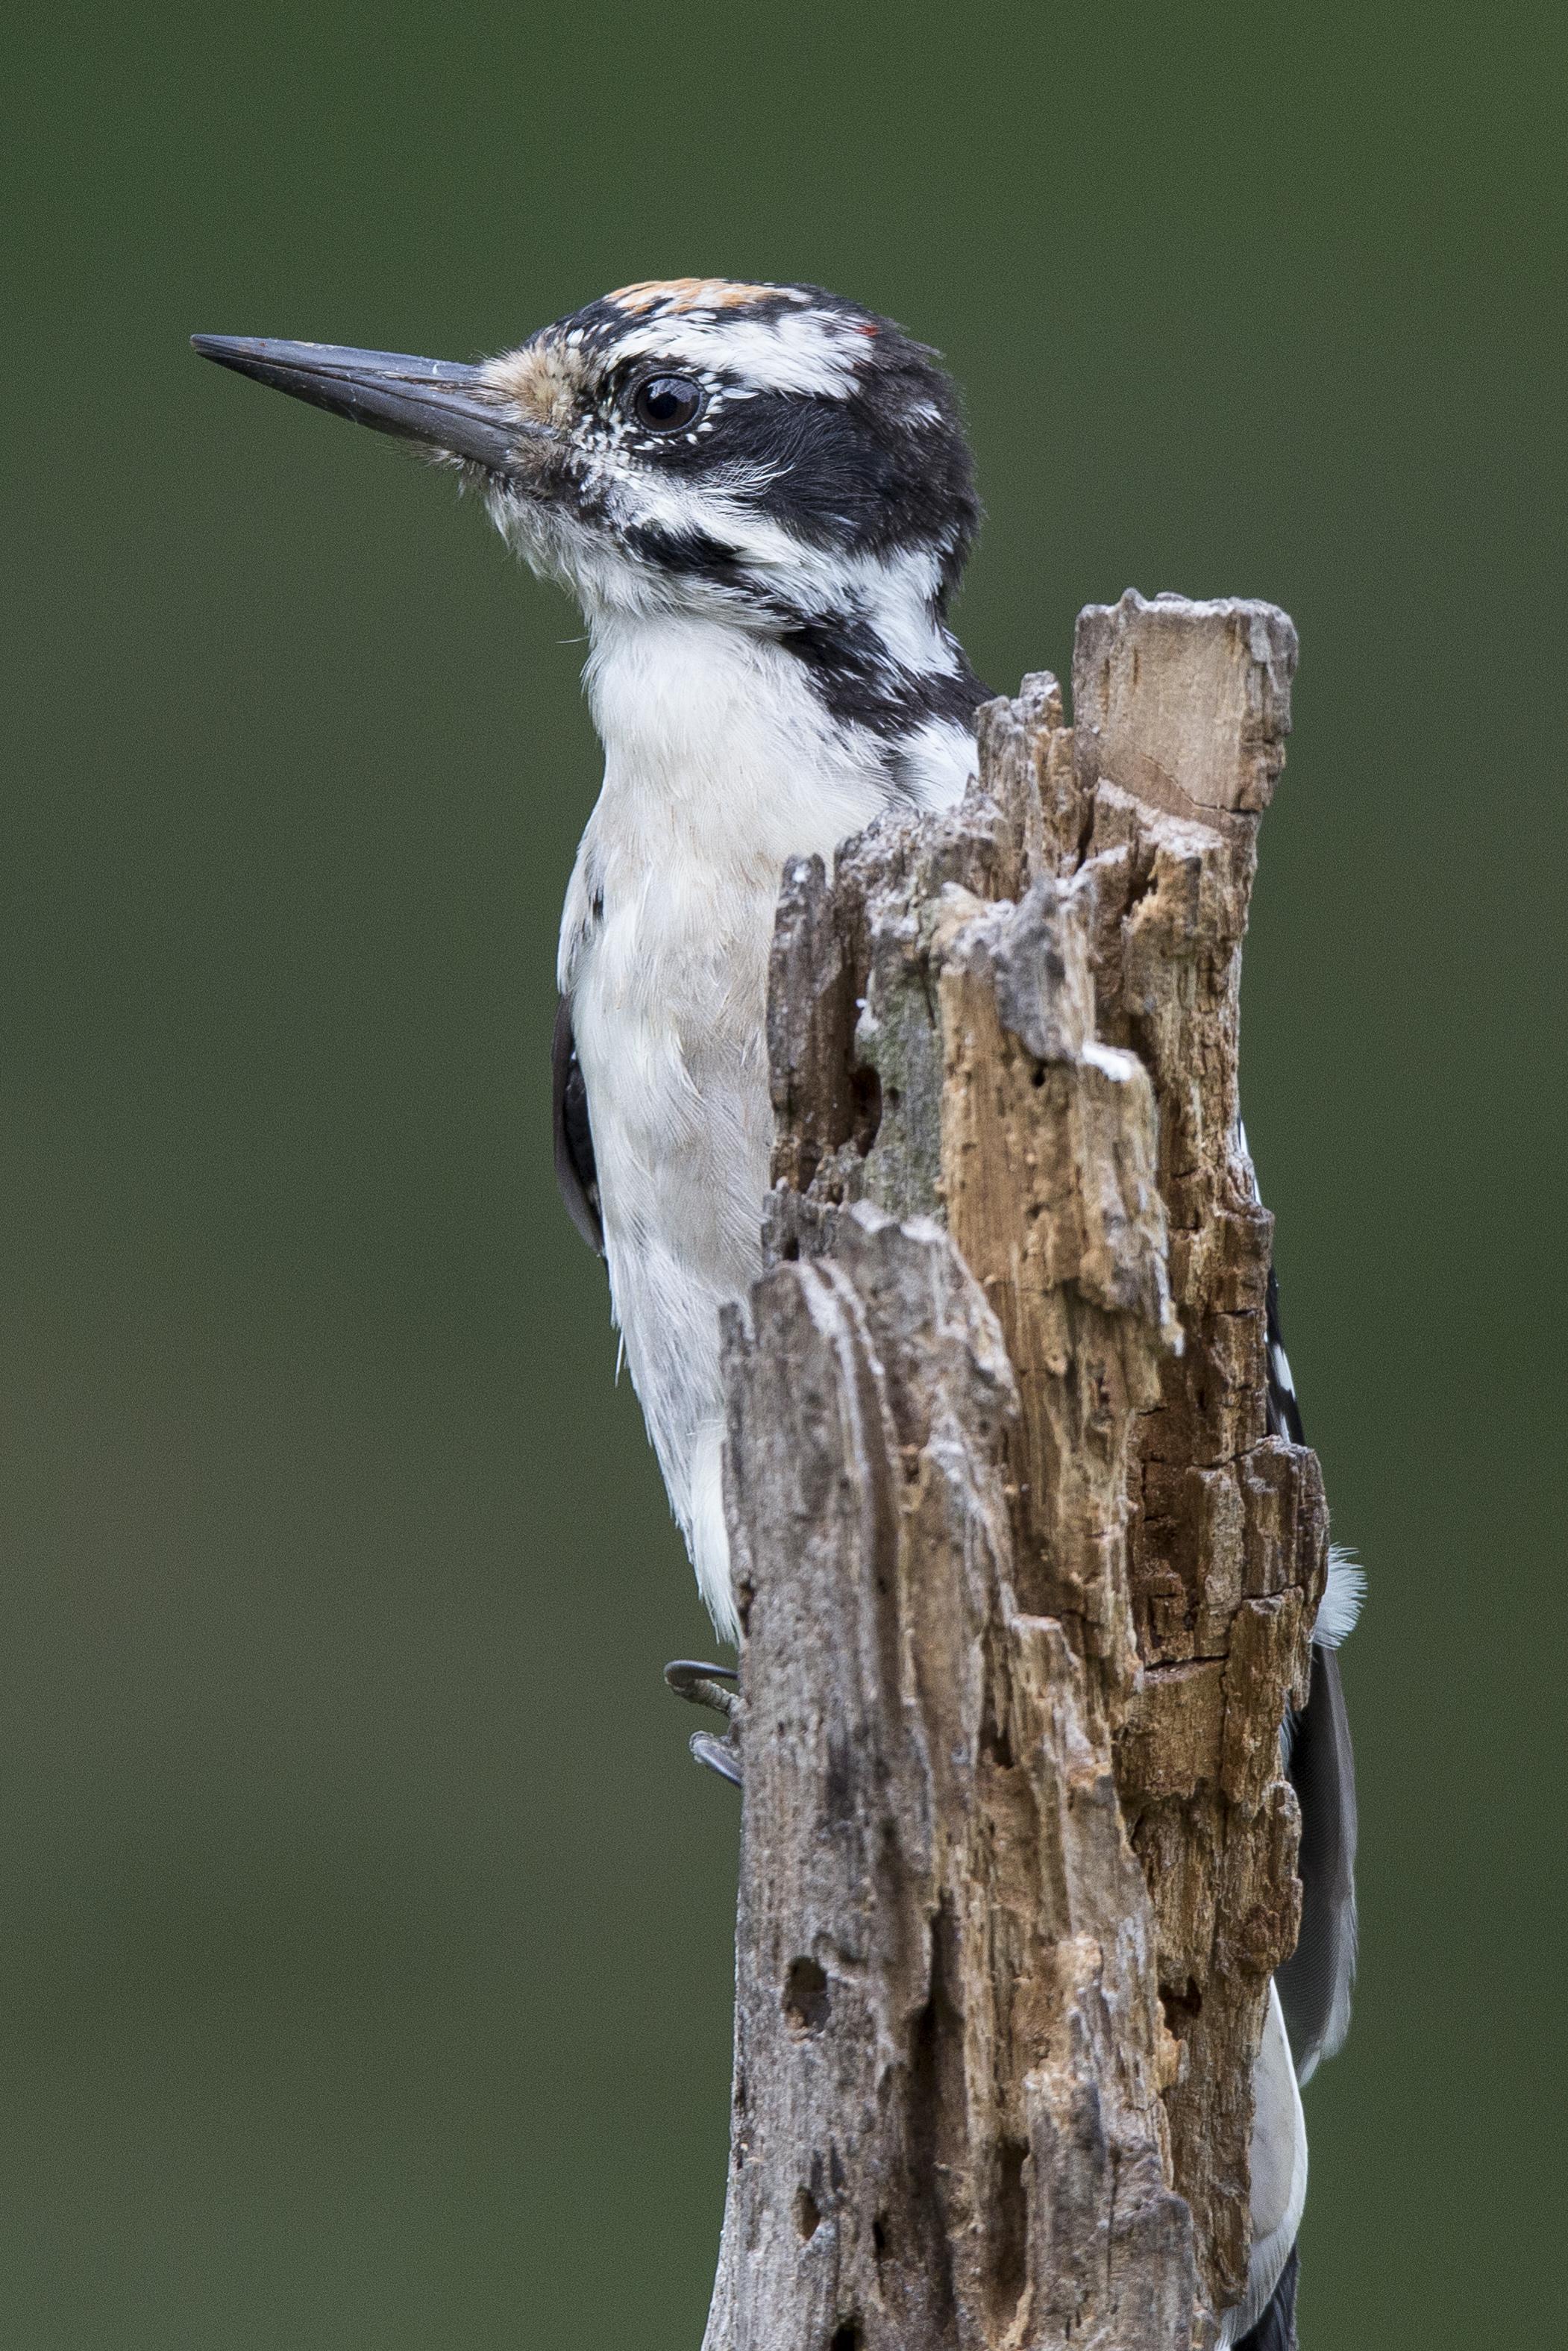 Hairy Woodpecker on the Stump